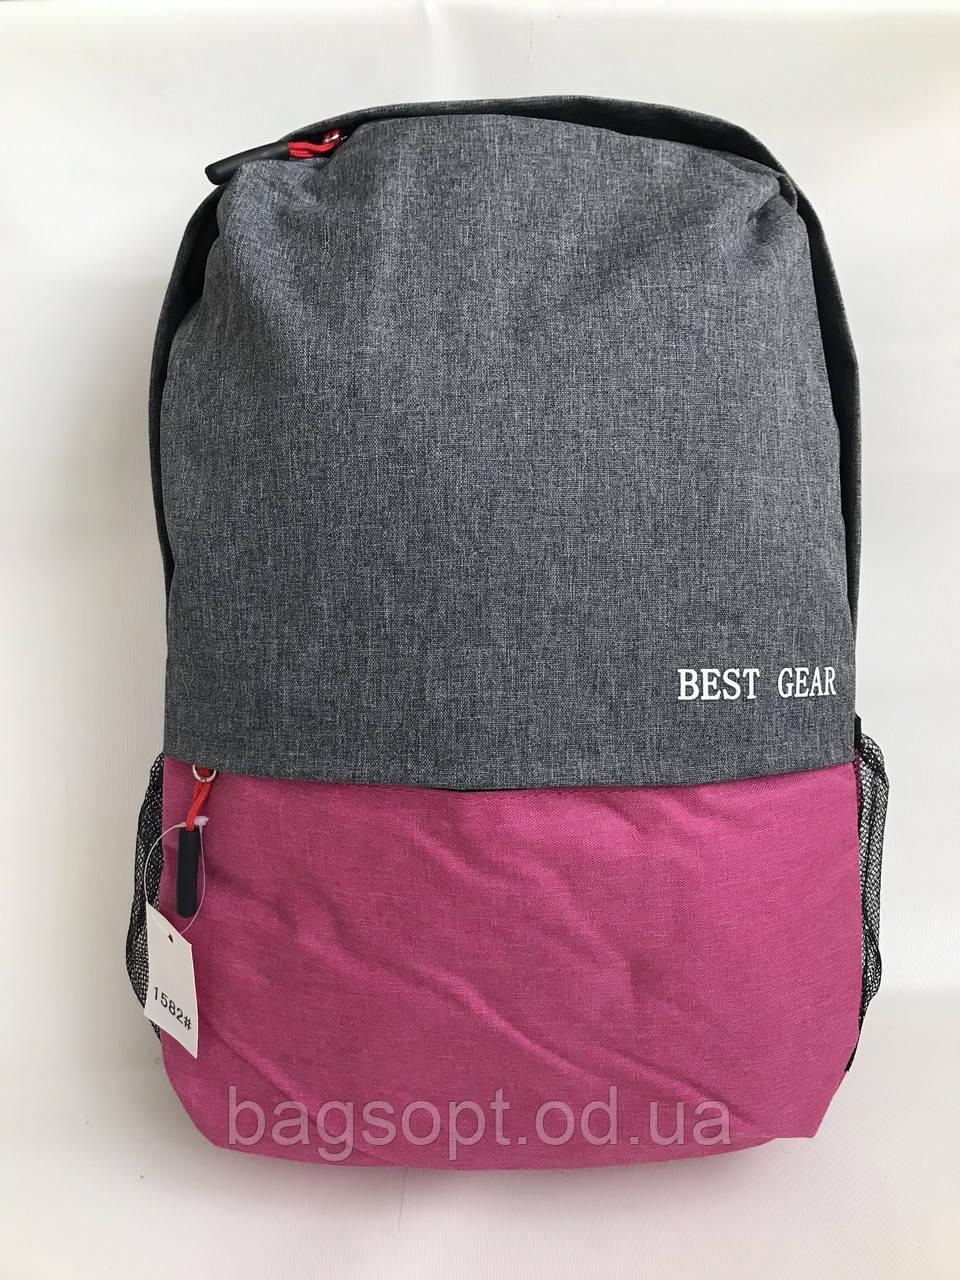 Женский тканевый спортивный серо-розовый рюкзак Одесса 7 км